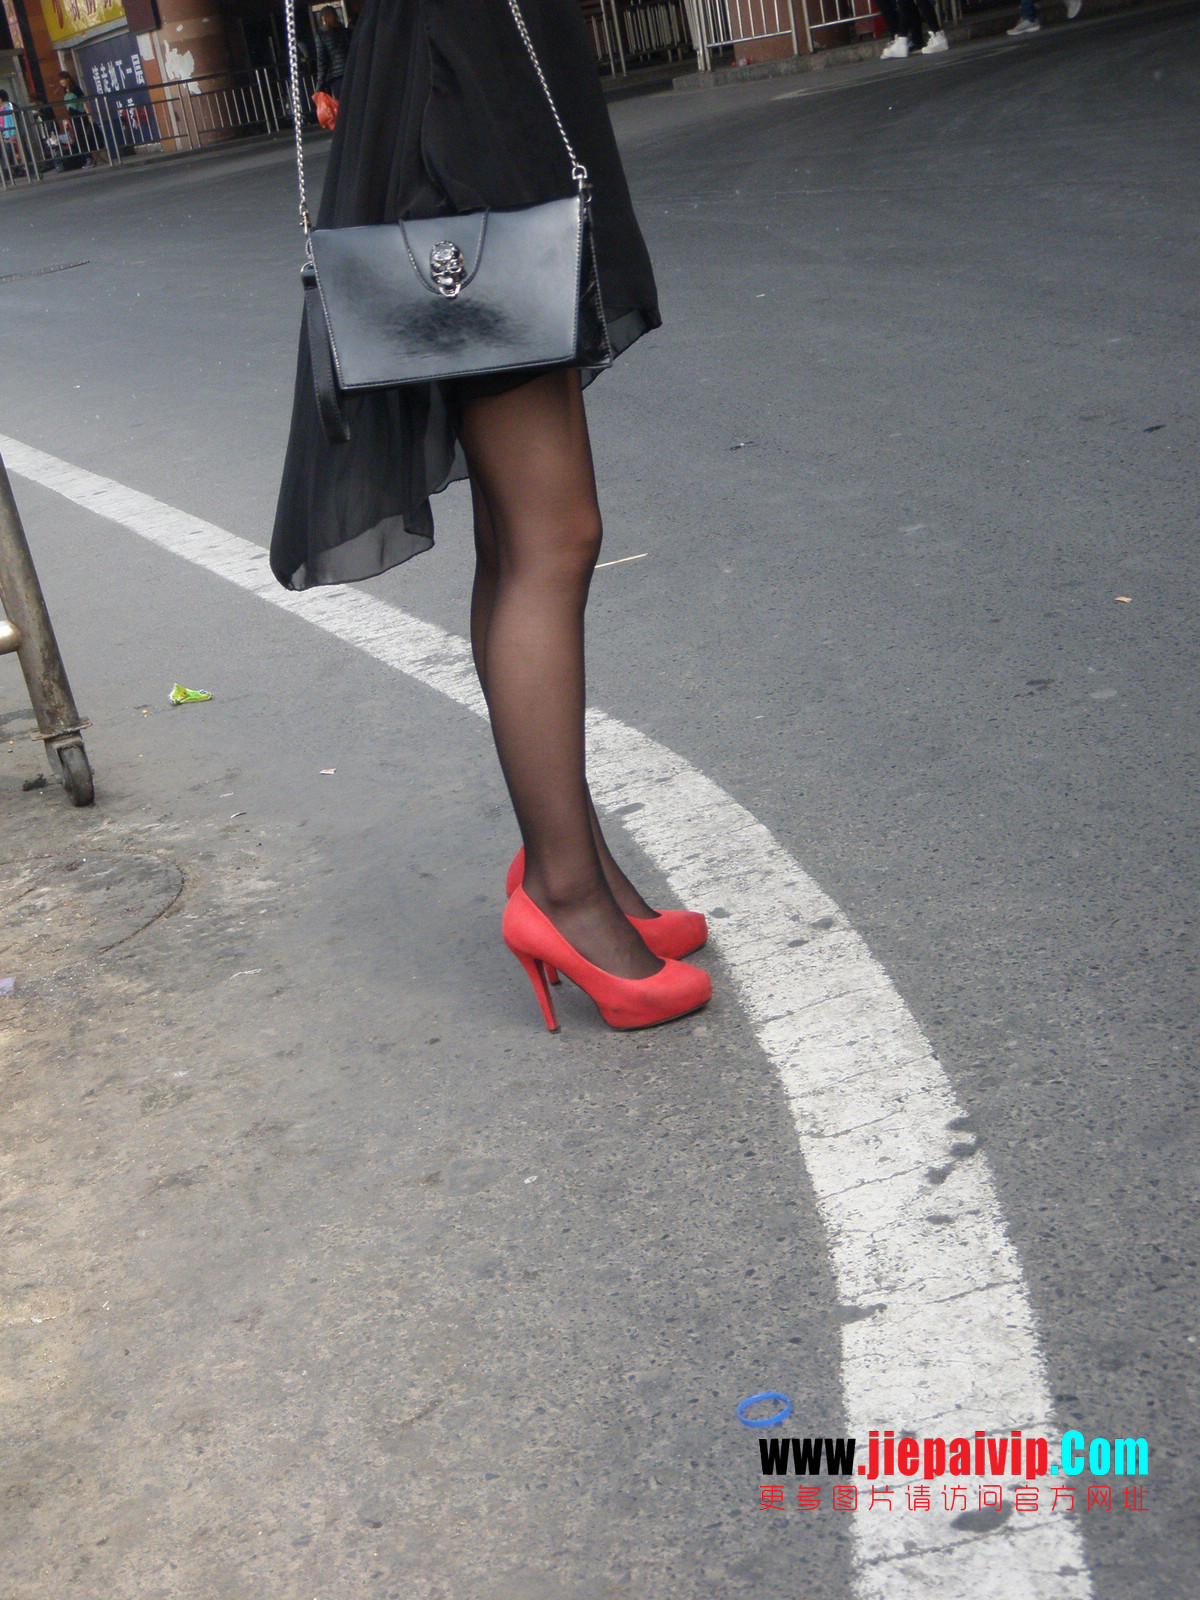 性感的红色高跟鞋黑丝袜美腿女人22